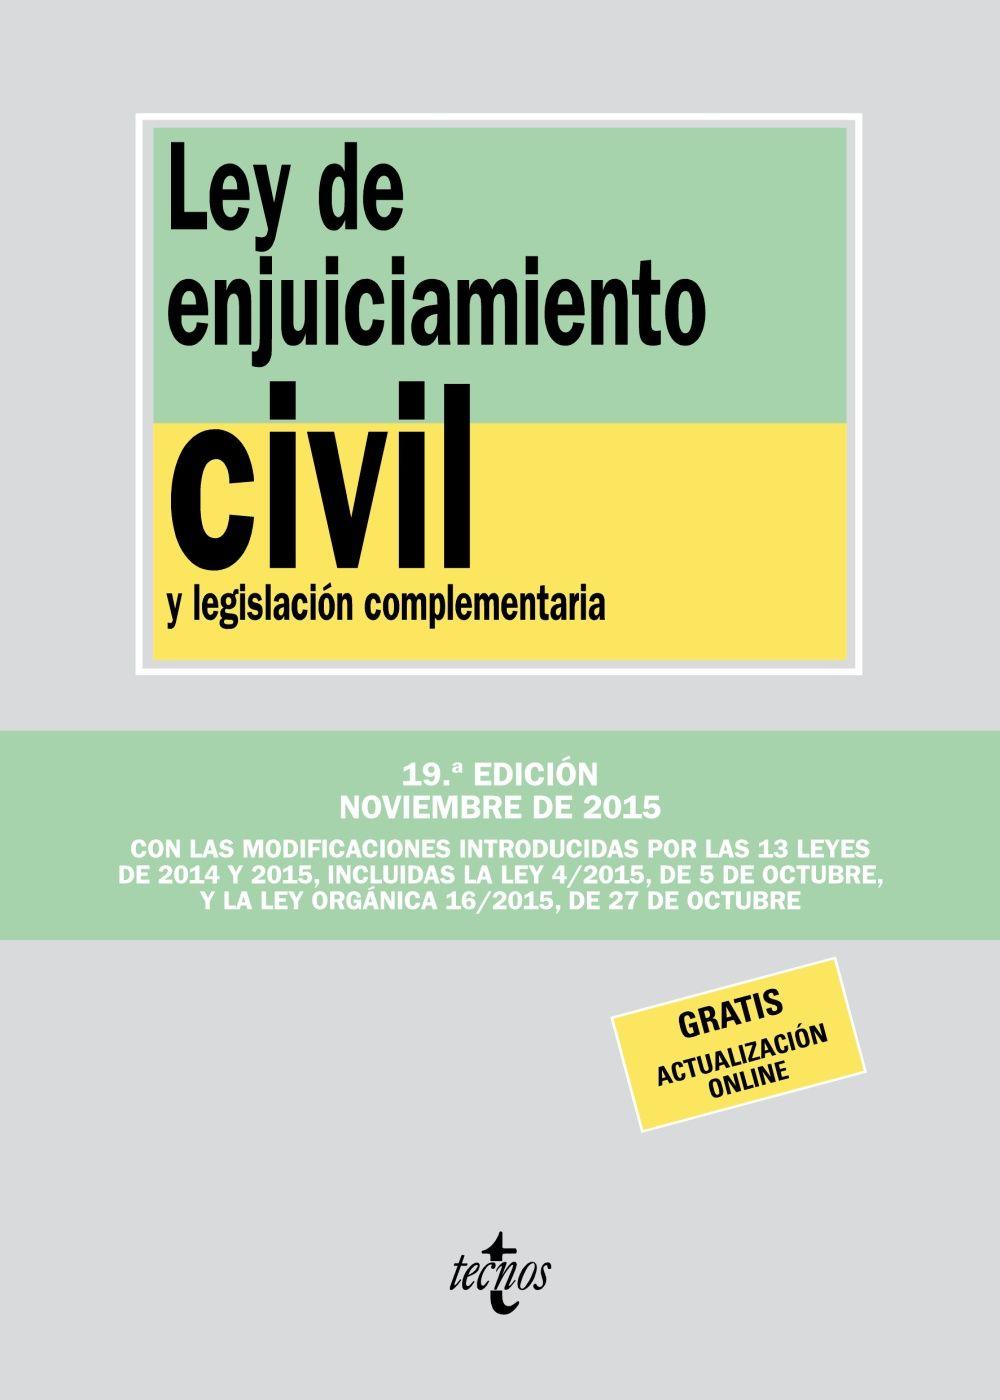 Ley de enjuiciamiento civil y legislación complementaria / edición preparada por José Antonio Colmenero Guerra. - 19ª ed. - 2015